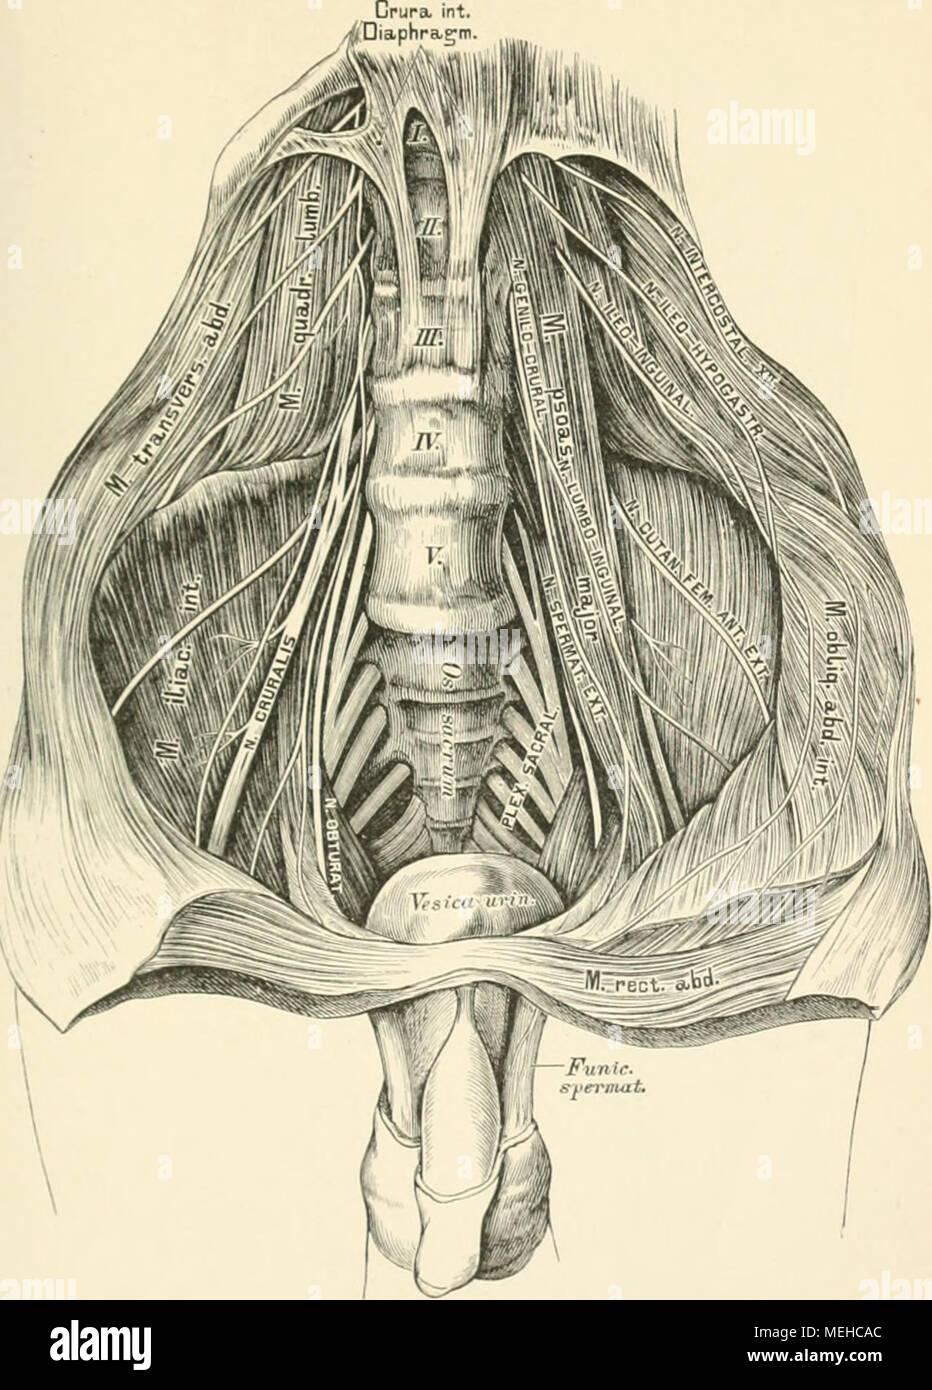 Ziemlich Kleinhirnwurms Anatomie Zeitgenössisch - Menschliche ...